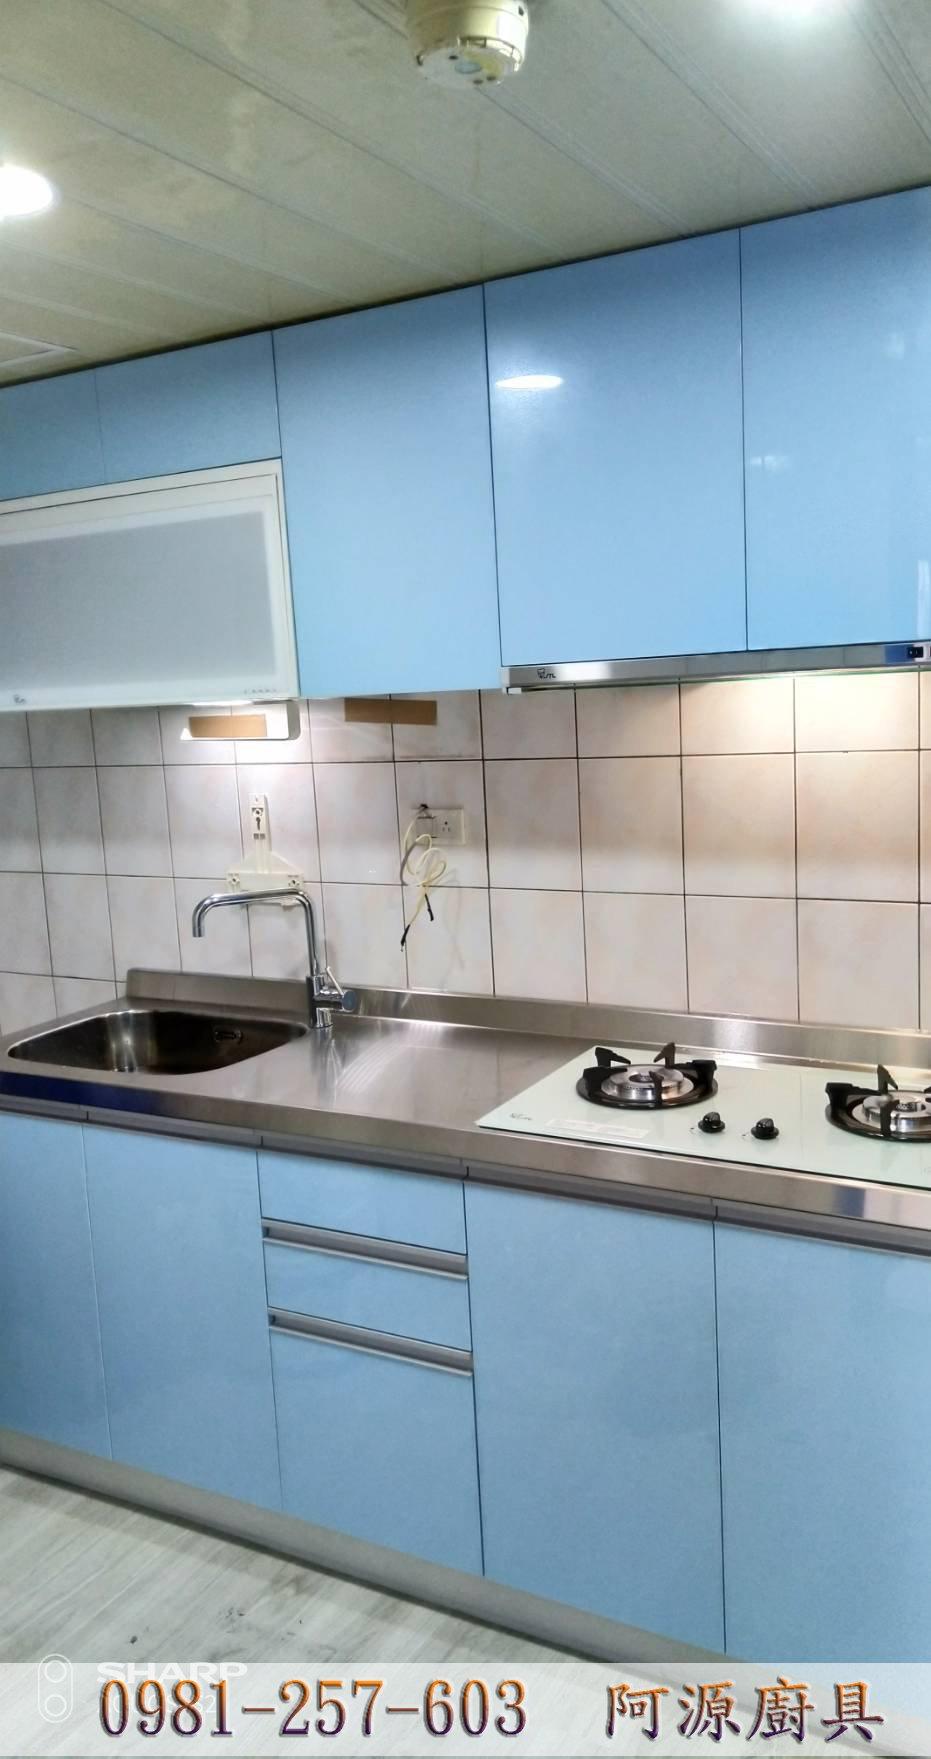 一字型廚具 石英石廚具 小套房廚具 304不鏽鋼廚具 人造石流理台 台北廚具 中和廚具 土城廚具 室內設計 廚具工廠直營